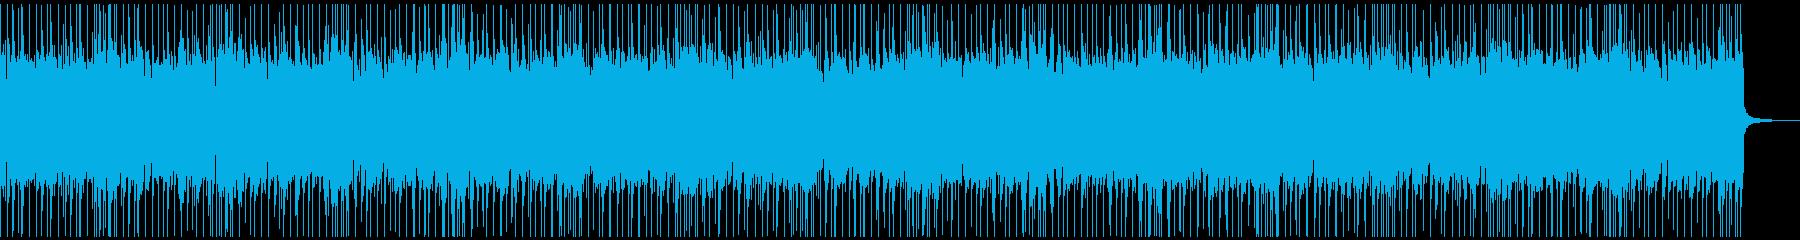 ロック、戦略、思考、フラットの再生済みの波形